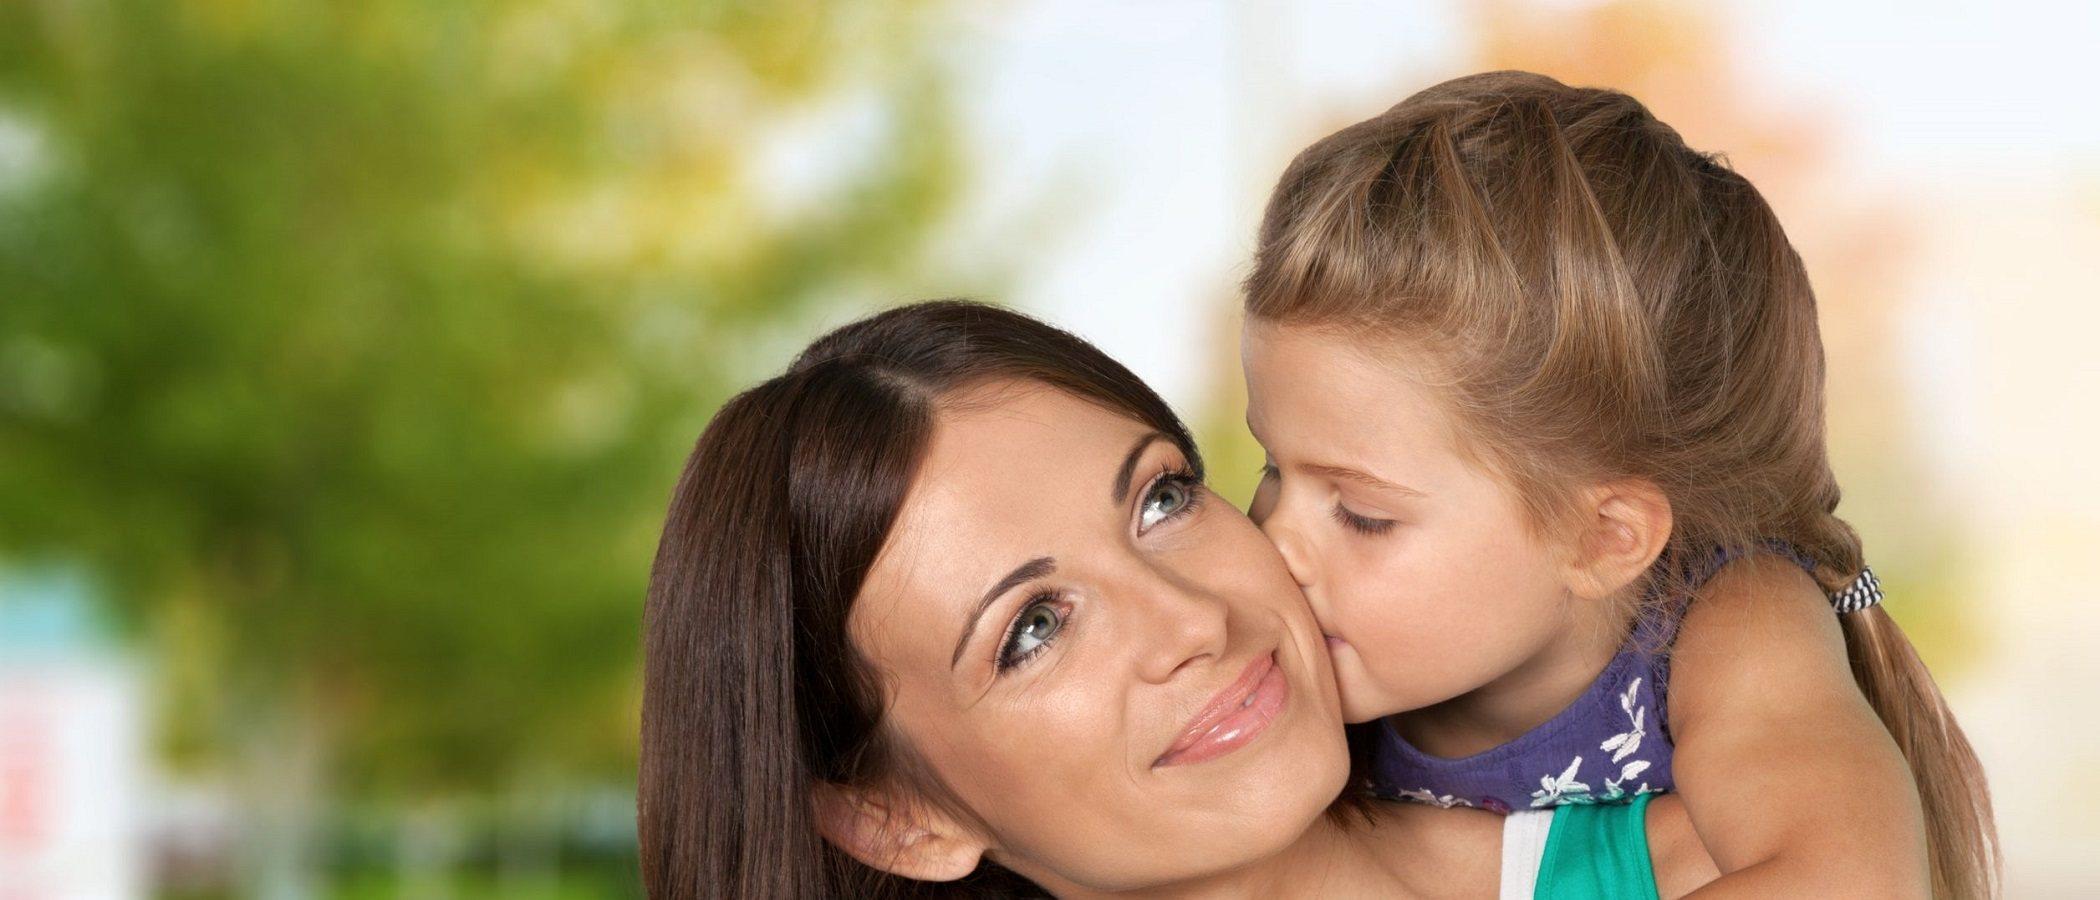 El amor de tus hijos pequeños es el más puro que existe